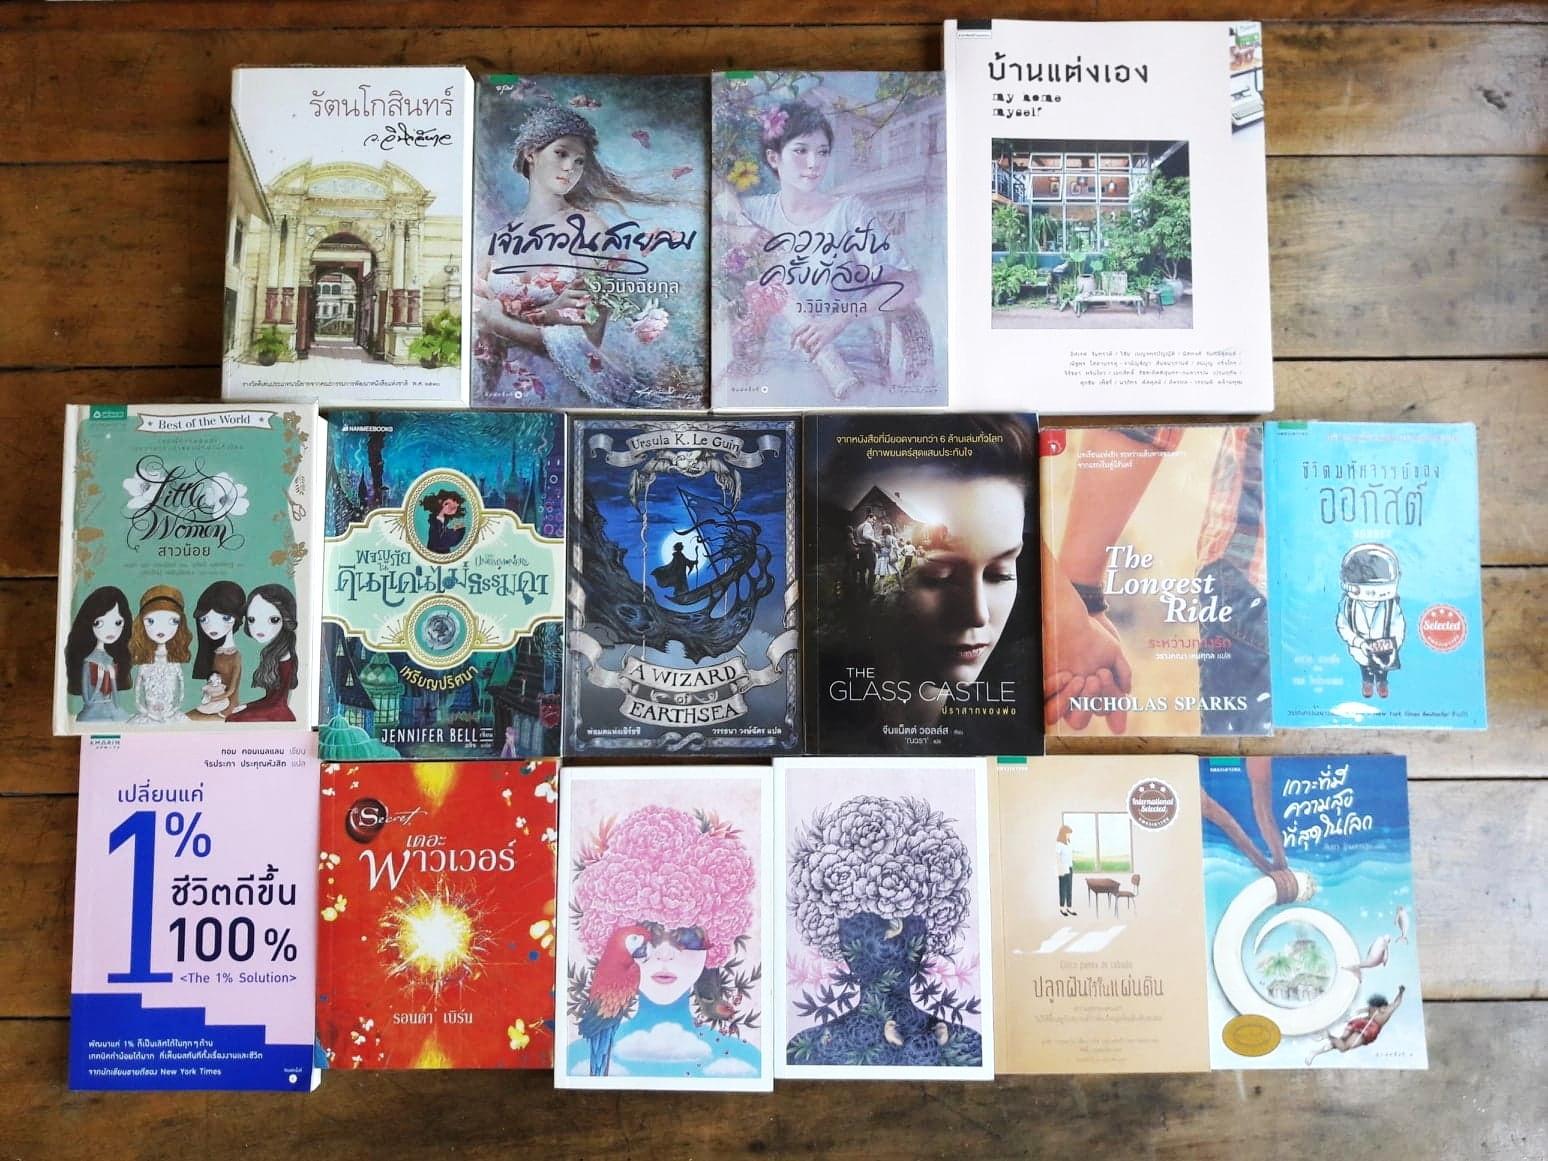 มีหลากหลายแนวเลยที่เราชอบอ่าน